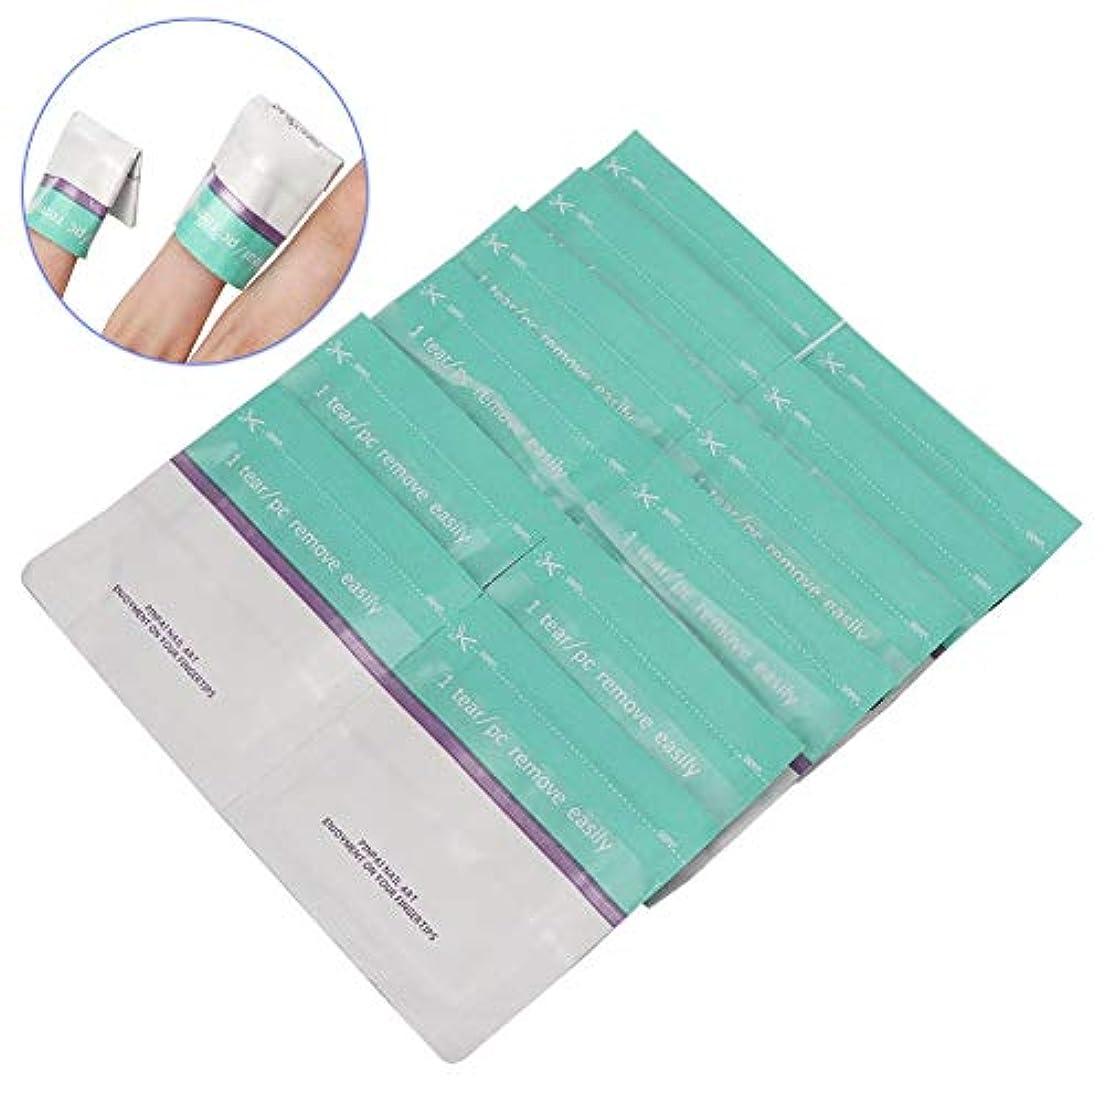 勃起教育学アライアンスYuyte 200ピース使い捨てネイルポリッシュリムーバー錫箔ラップuvジェルリムーバーコットンパッドマニキュアツール